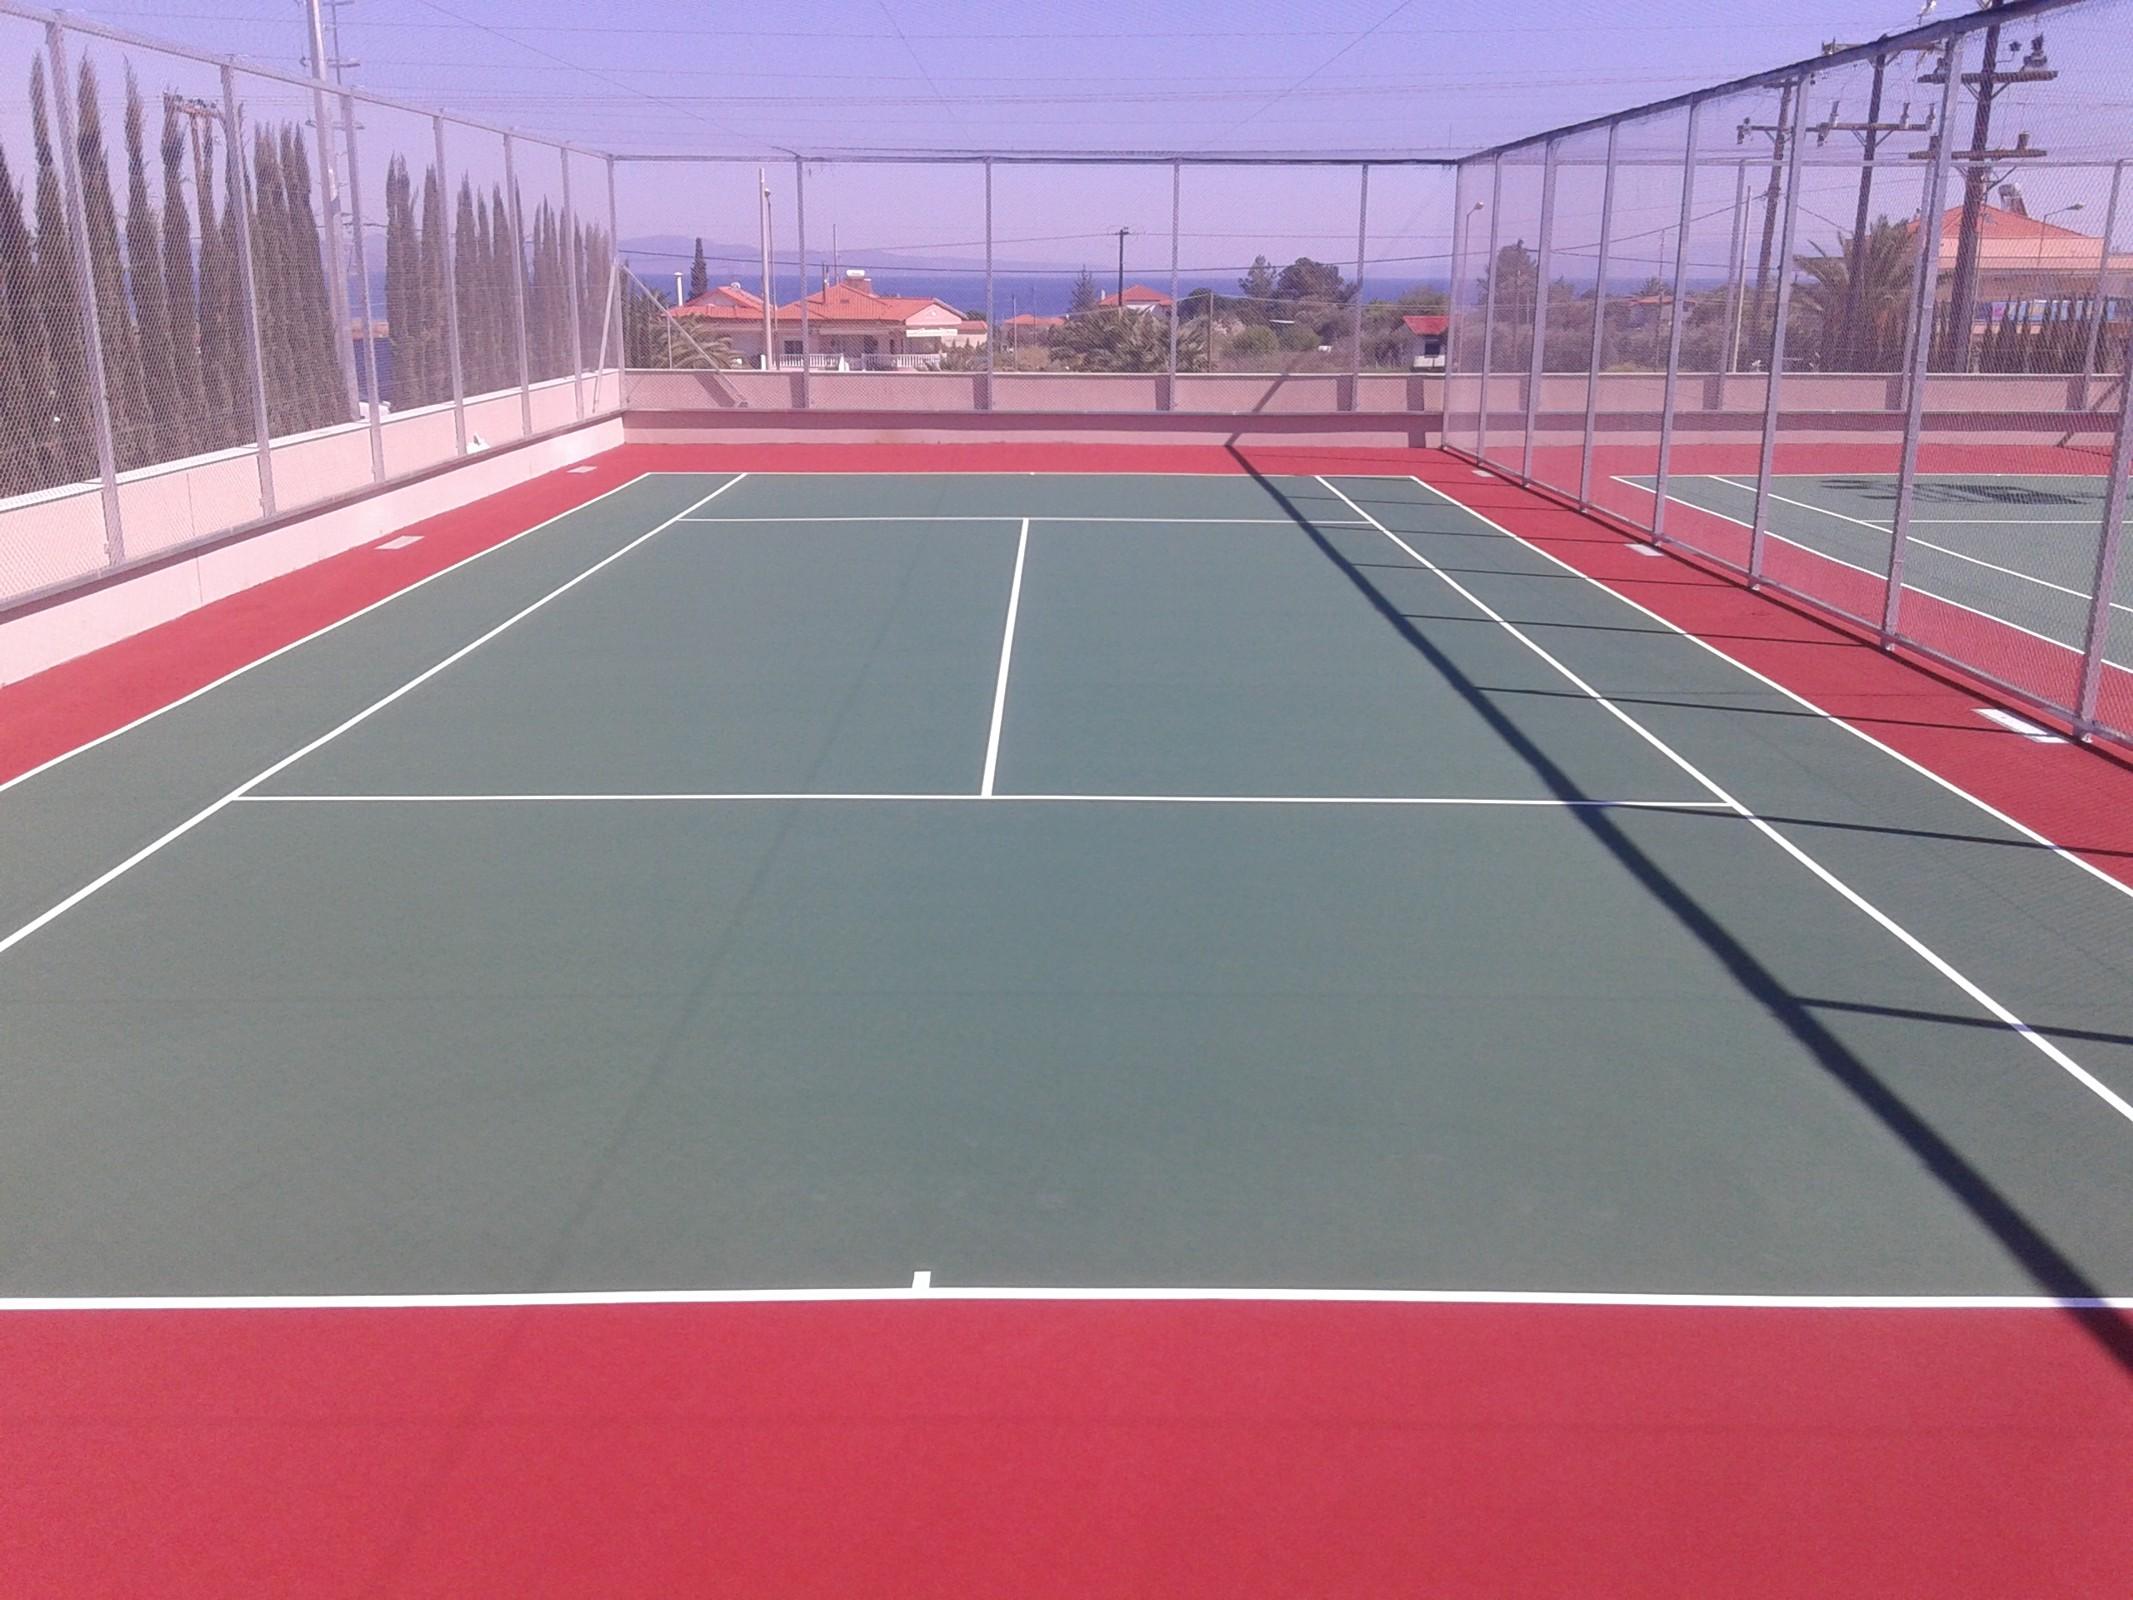 Στην υπηρεσία των πολιτών τα γήπεδα τένις